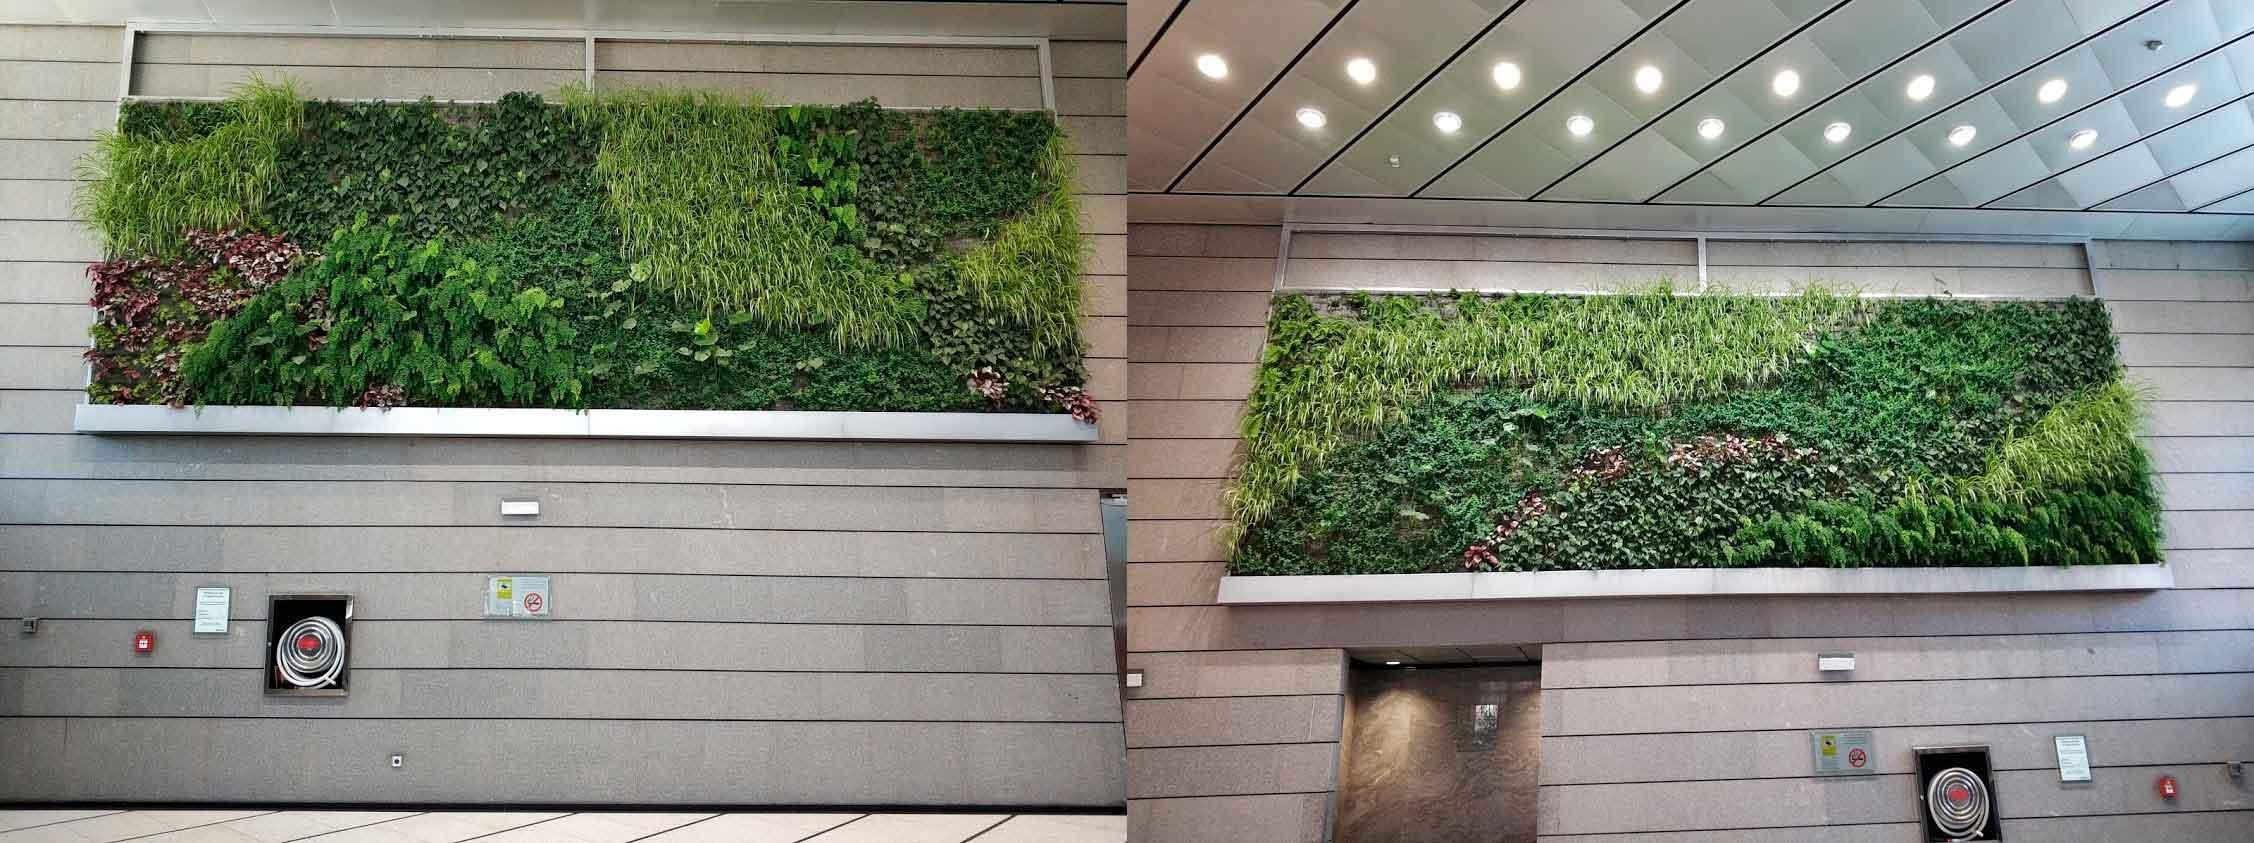 Jardines verticales en torre realia en madrid urbanarbolismo for Jardines verticales pdf